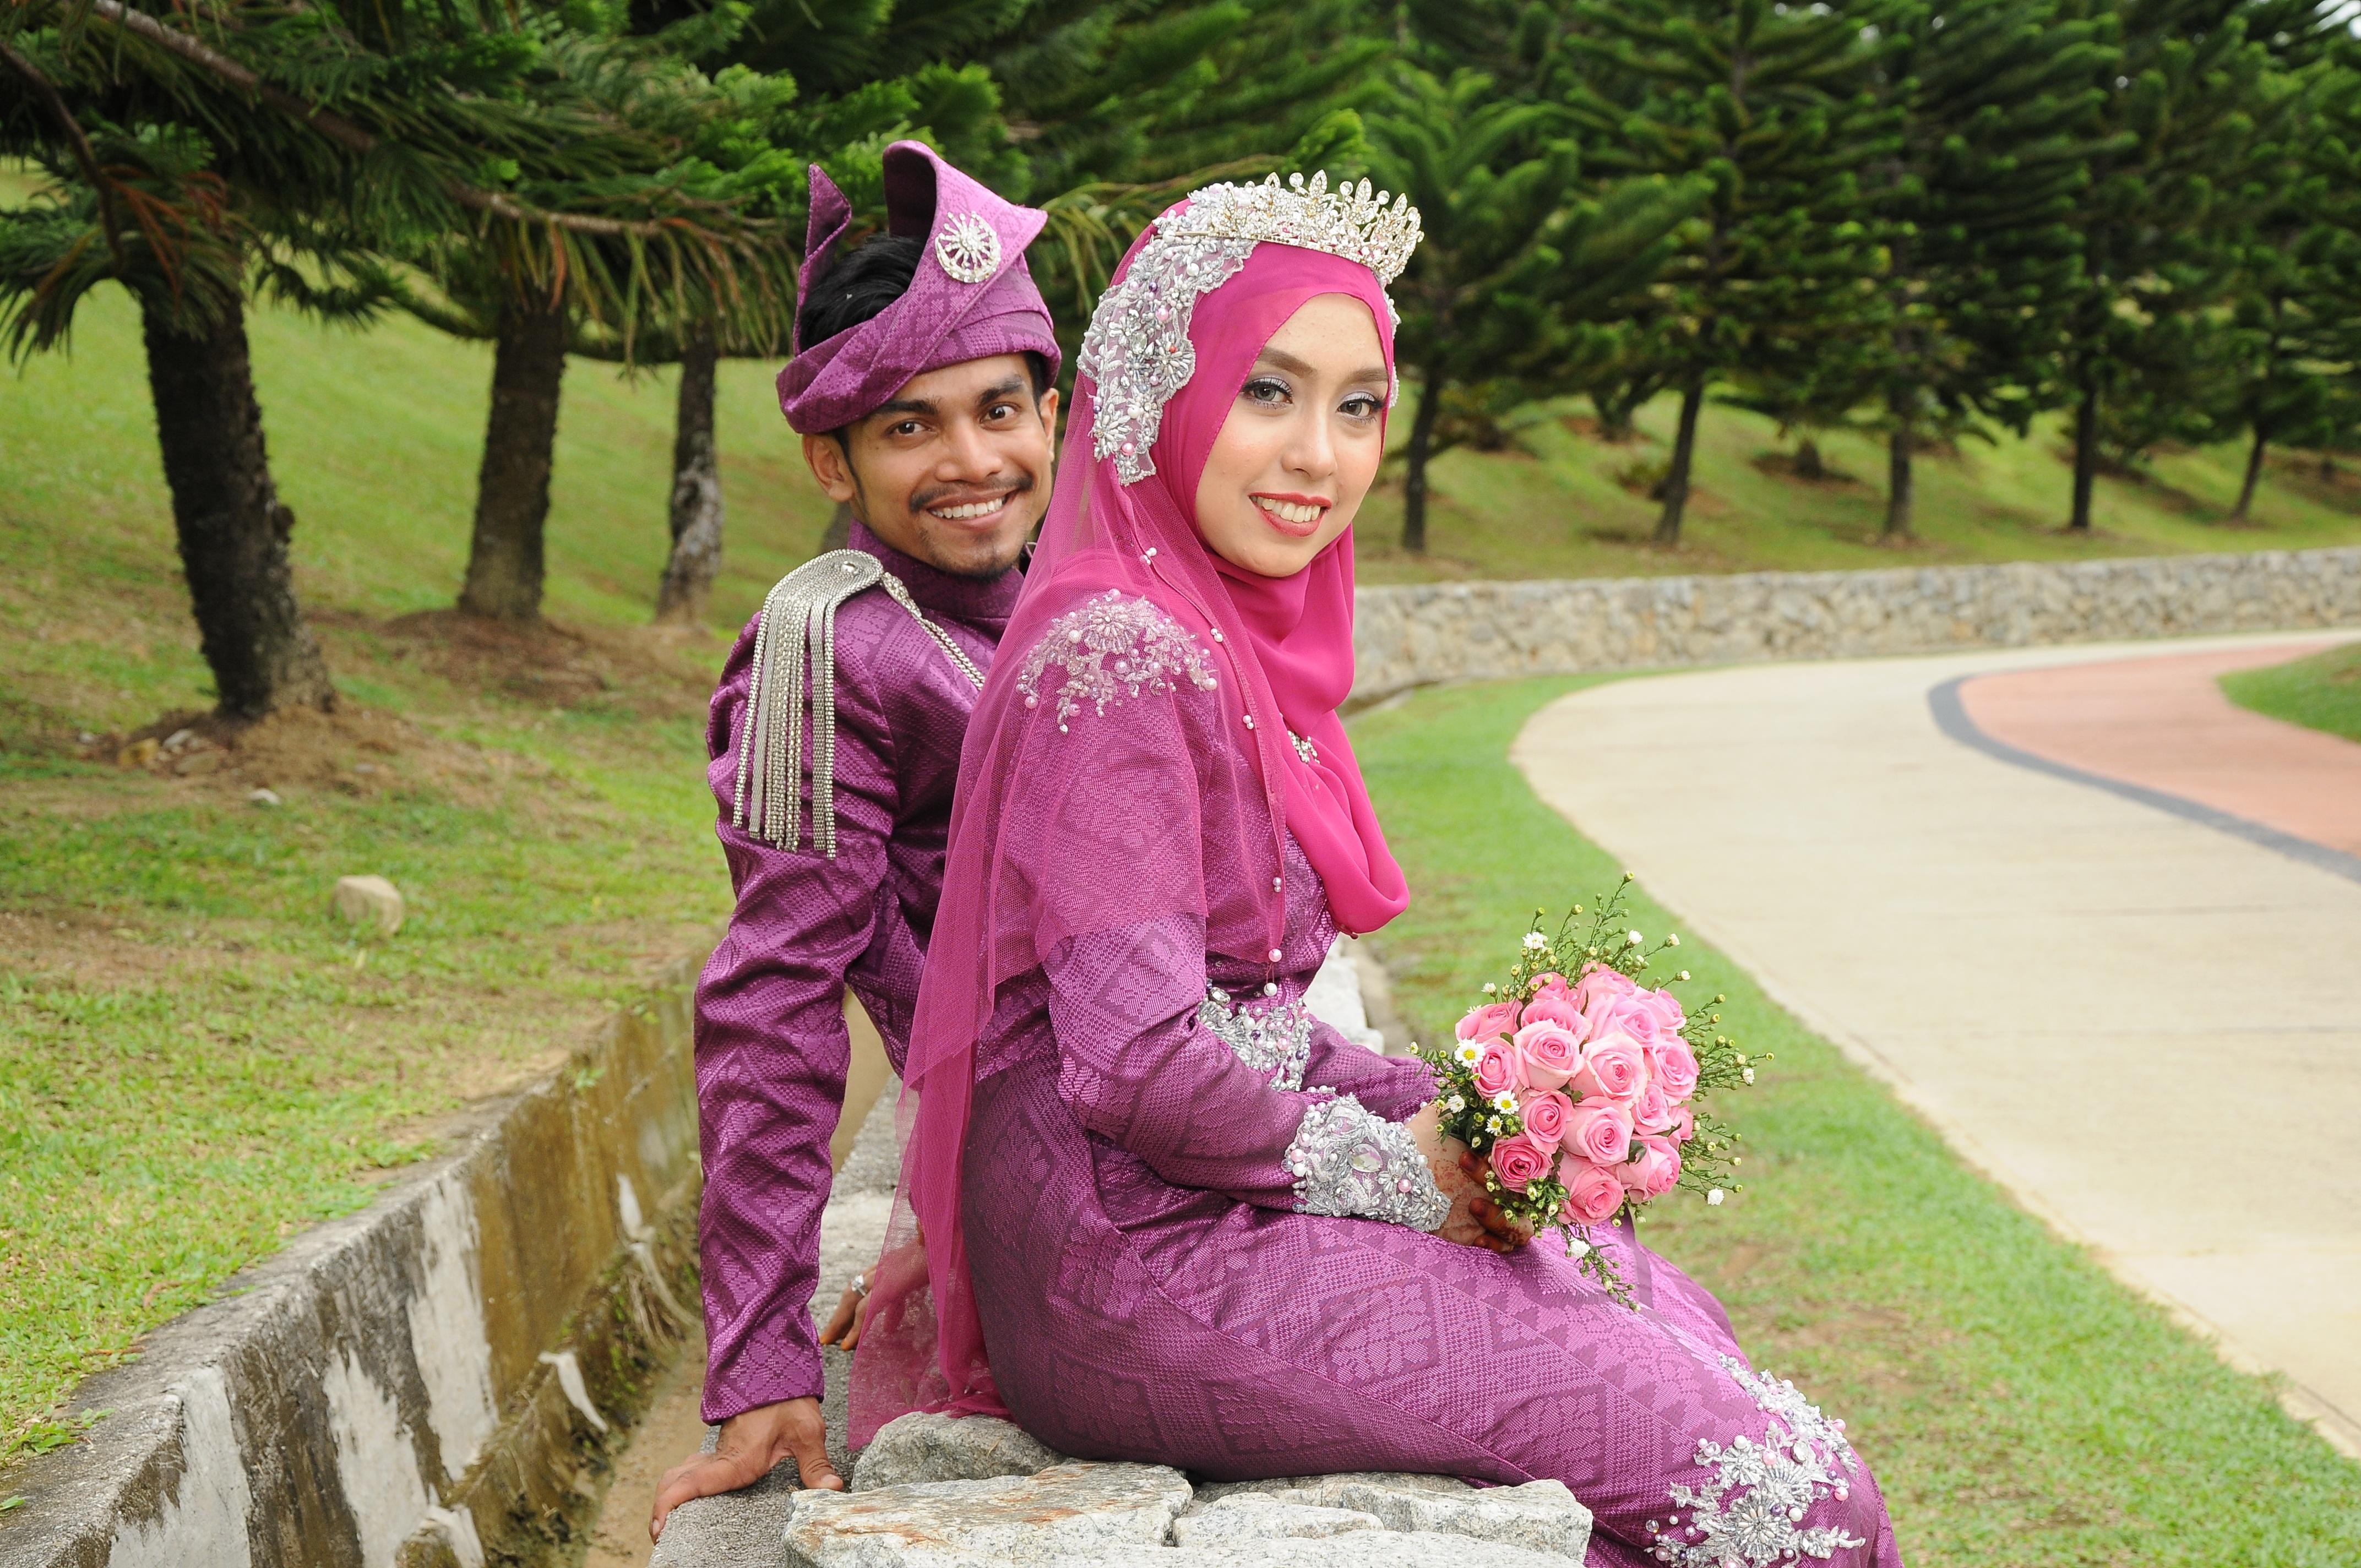 Fotos gratis : gente, flor, amor, Pareja, romance, juntos, rosado ...